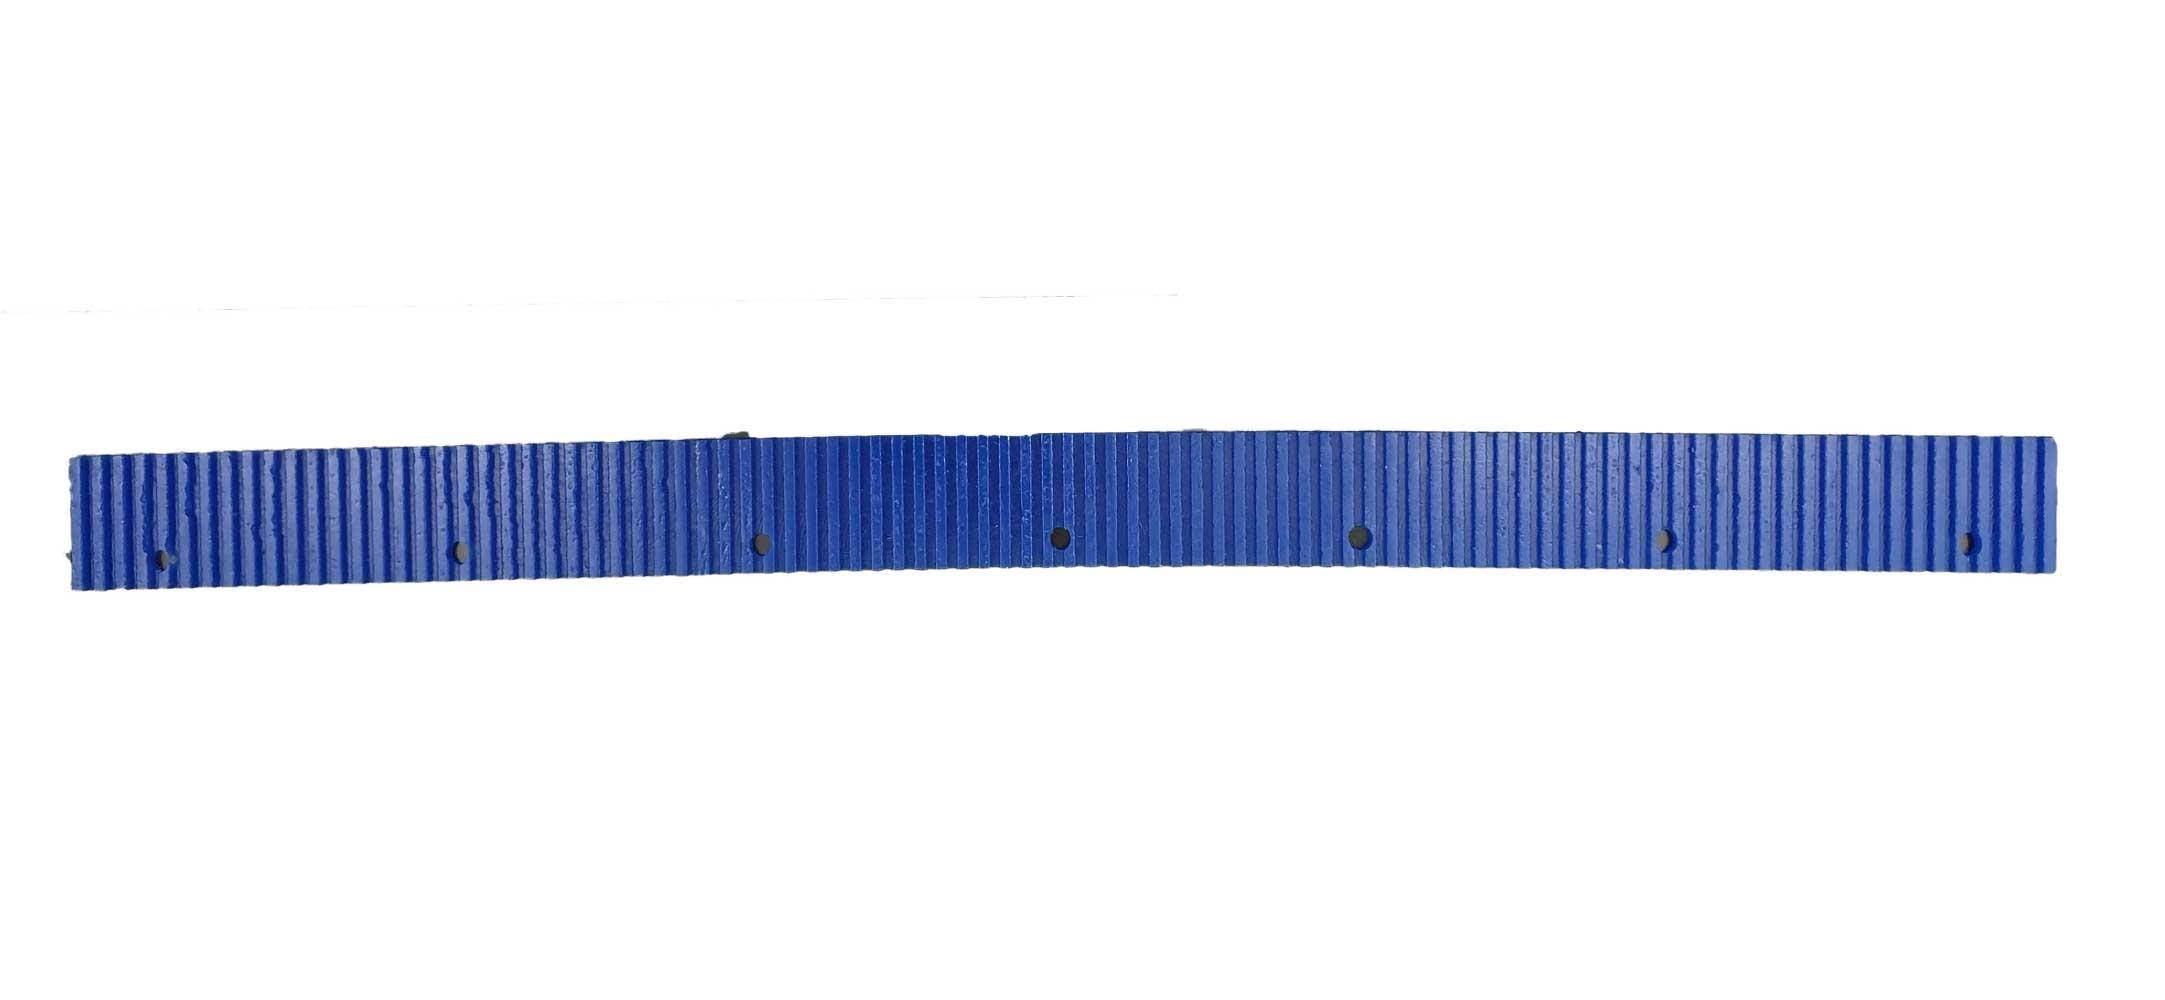 Vax Bianco U88-W1-B U88-WI-B Cinghia Per Aspirapolvere Hoover Cinture X 2 #6160